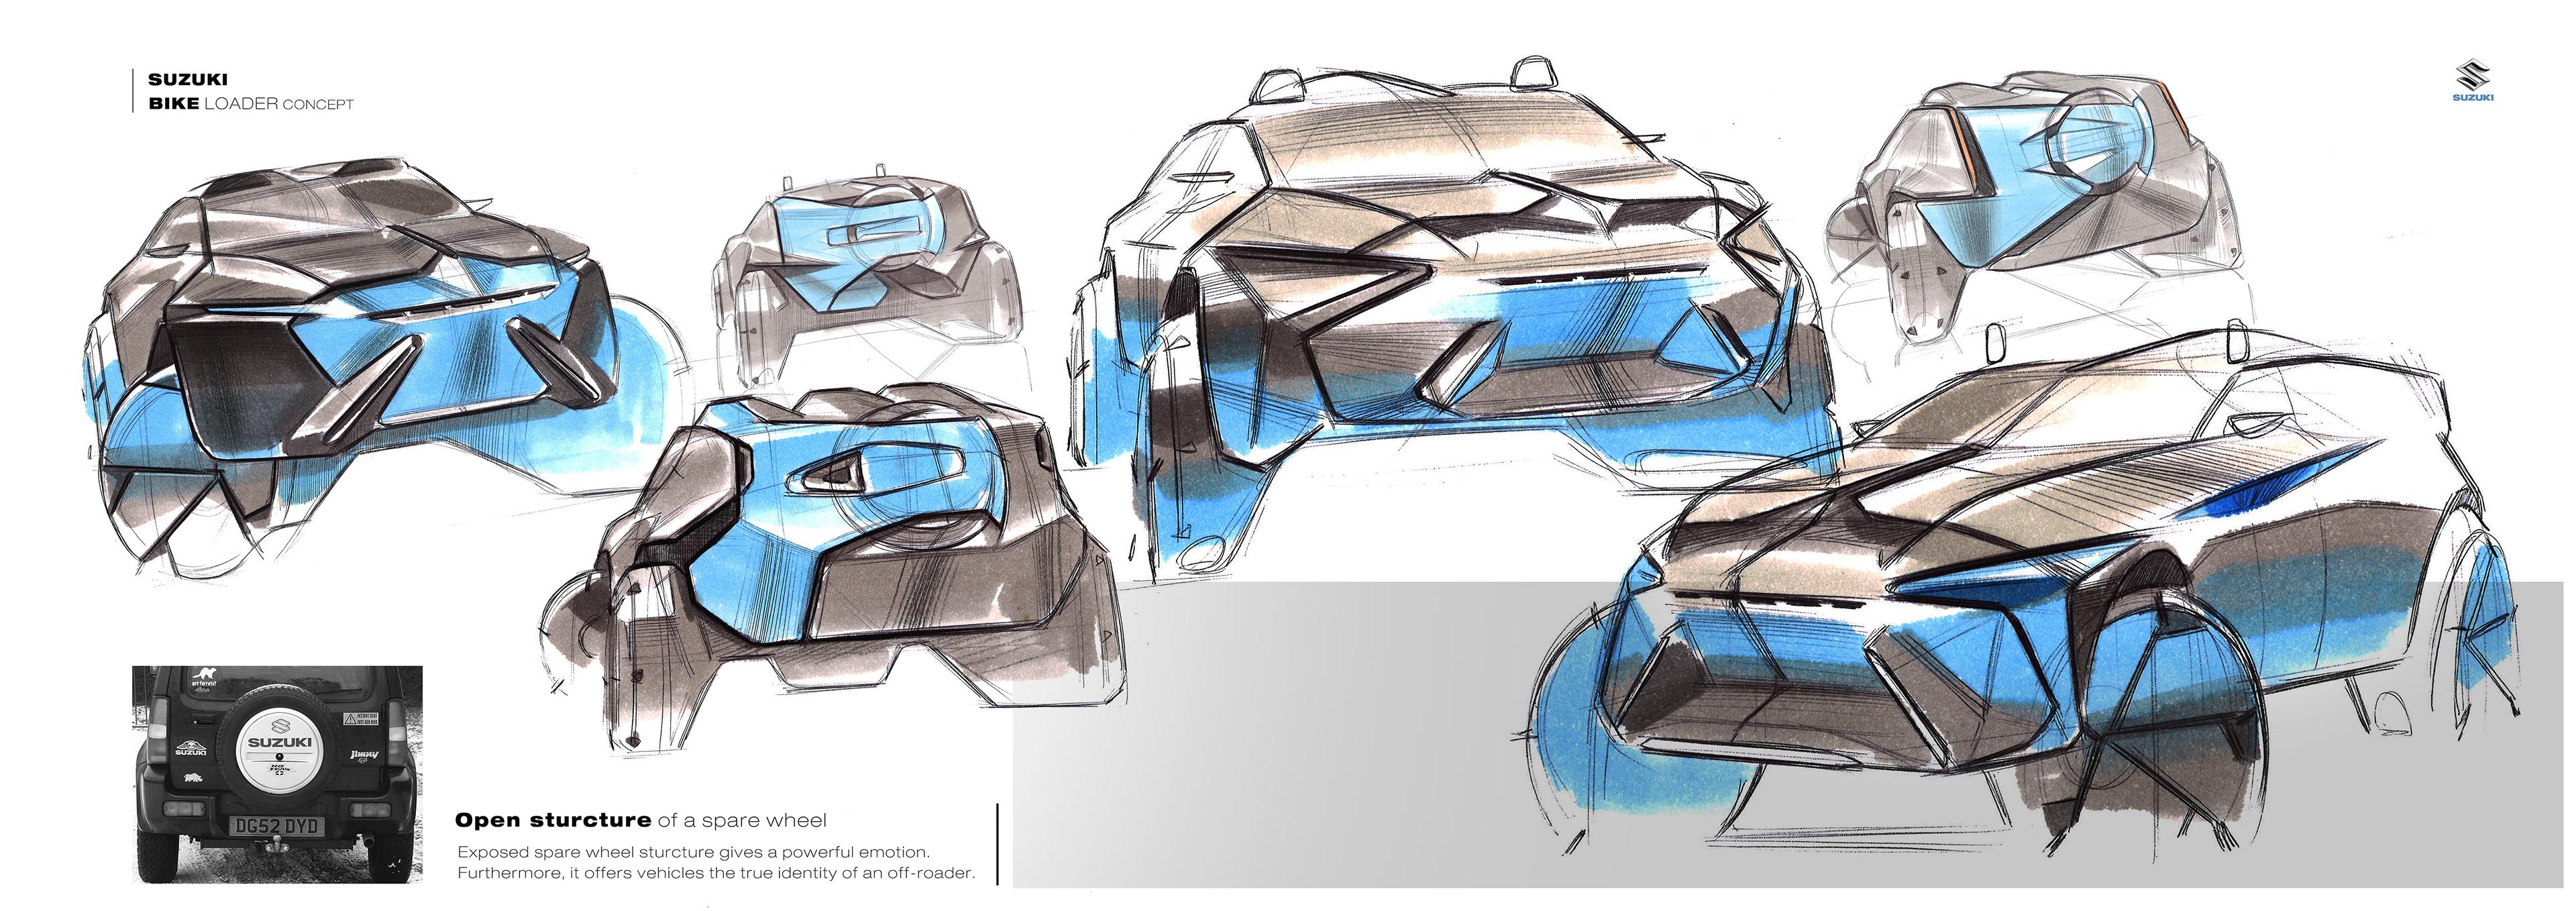 SUZUKI BIKE LOADER Concept on Behance